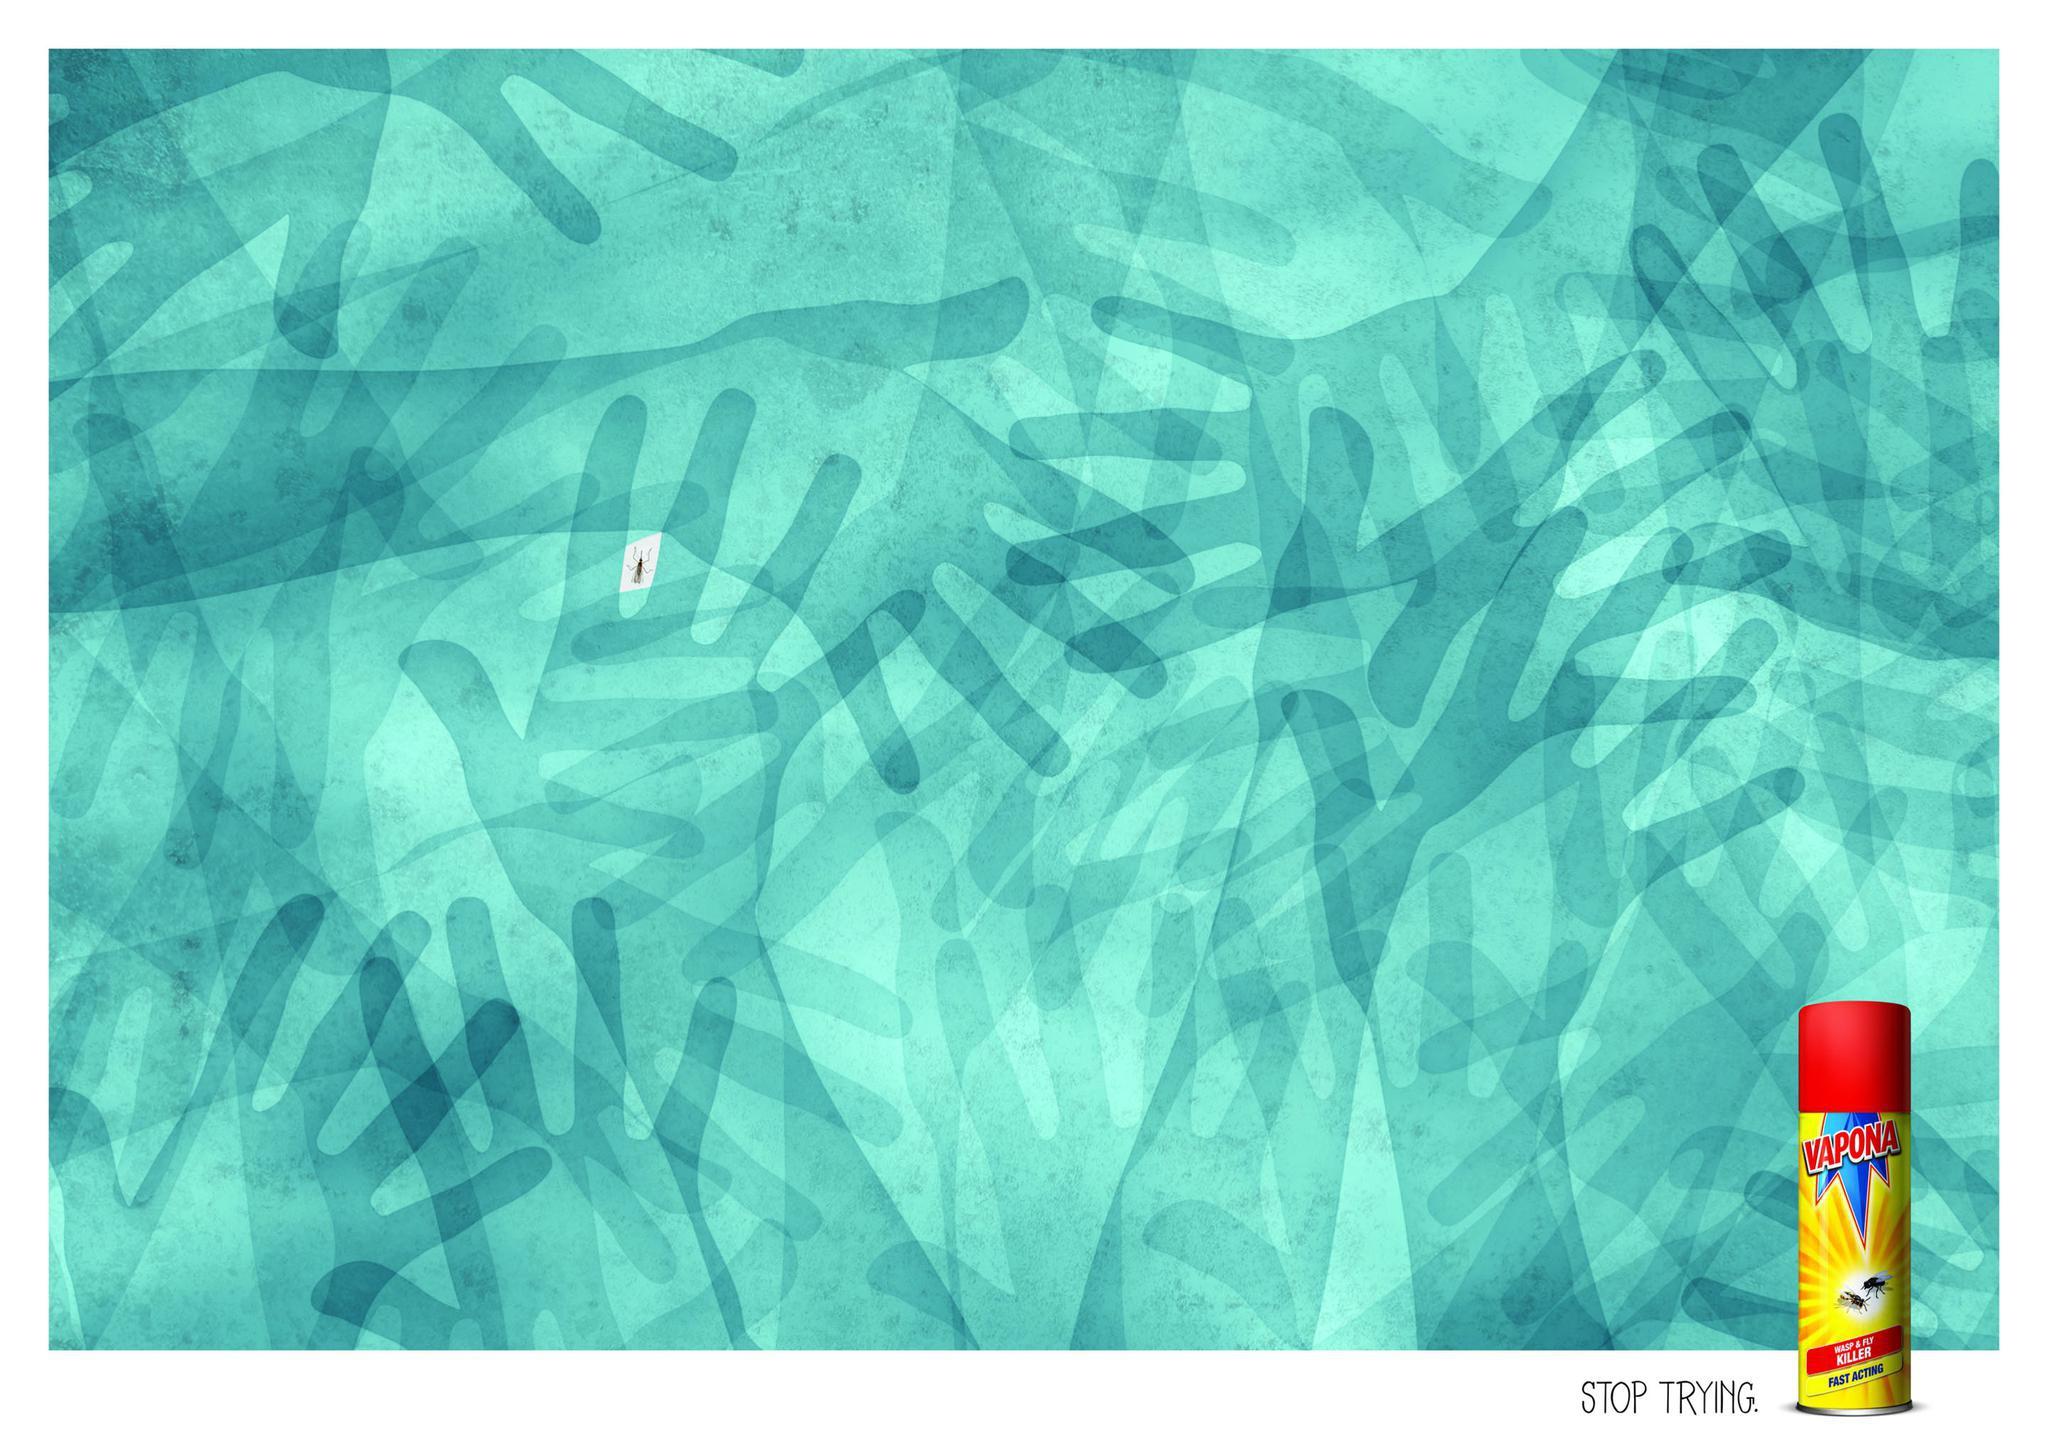 Vapona杀虫剂的创意设计插图